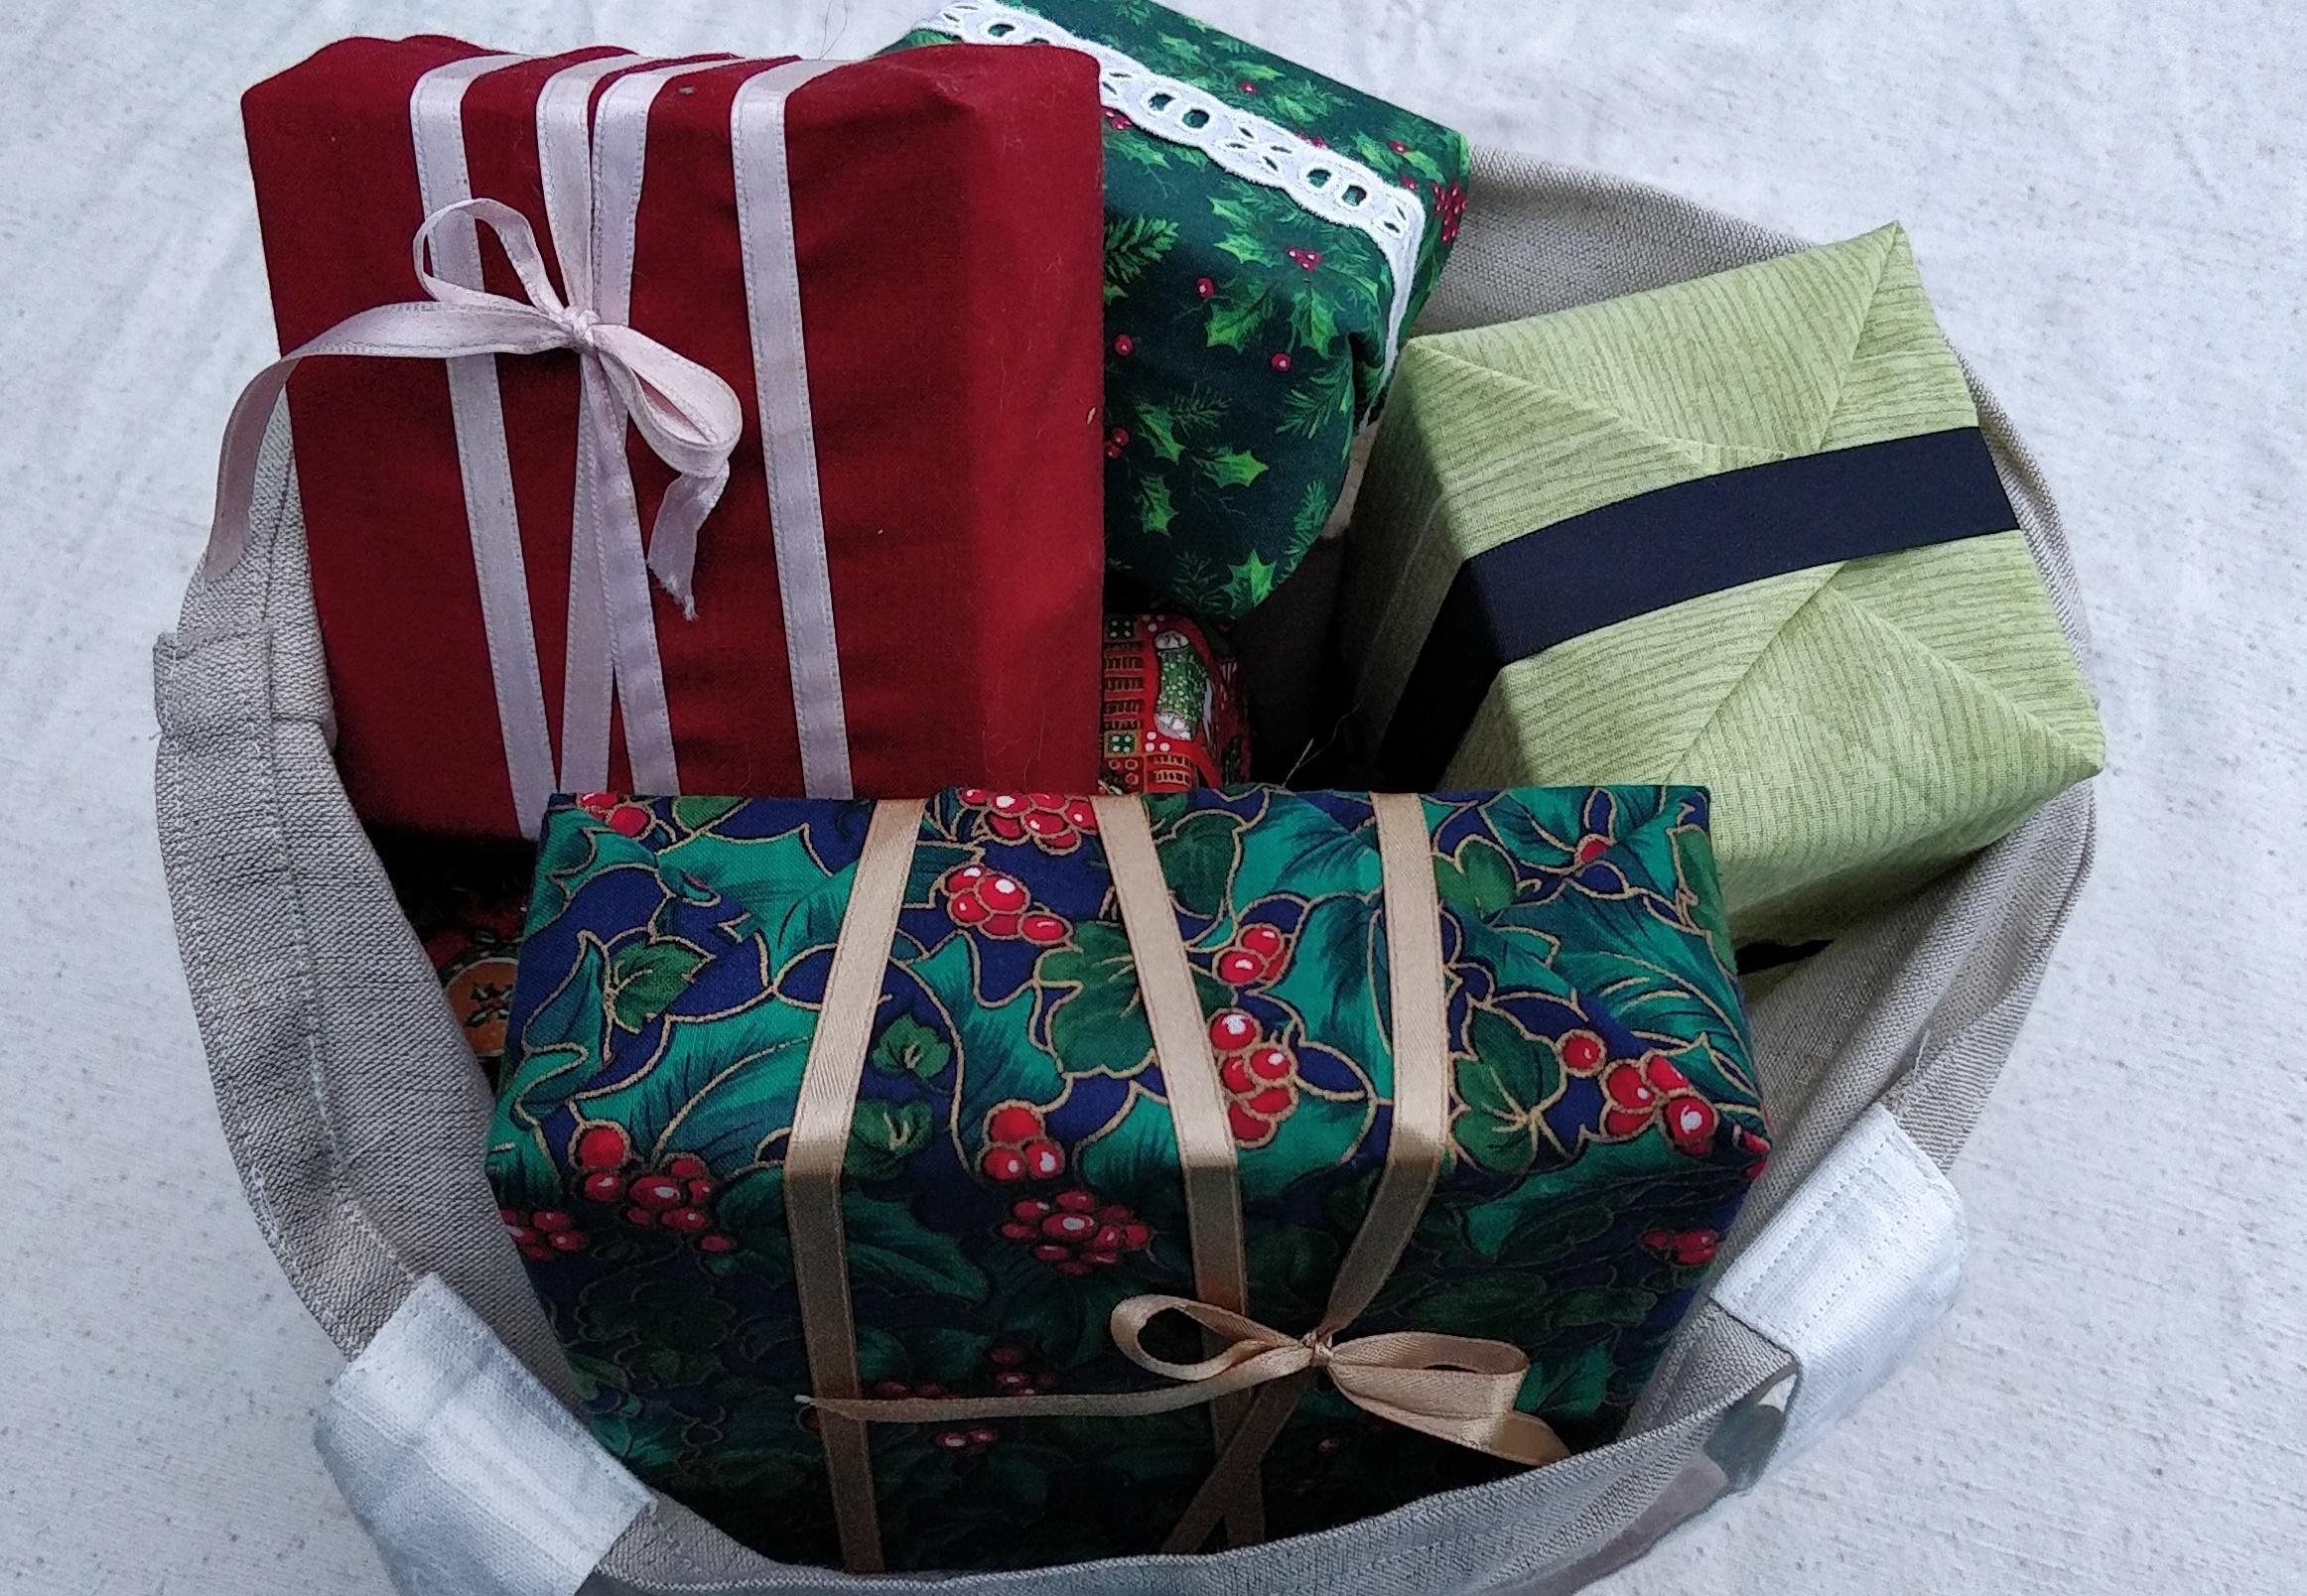 En bæredygtig stofpose med bæredygtige julegaver, pakket ind i stof!